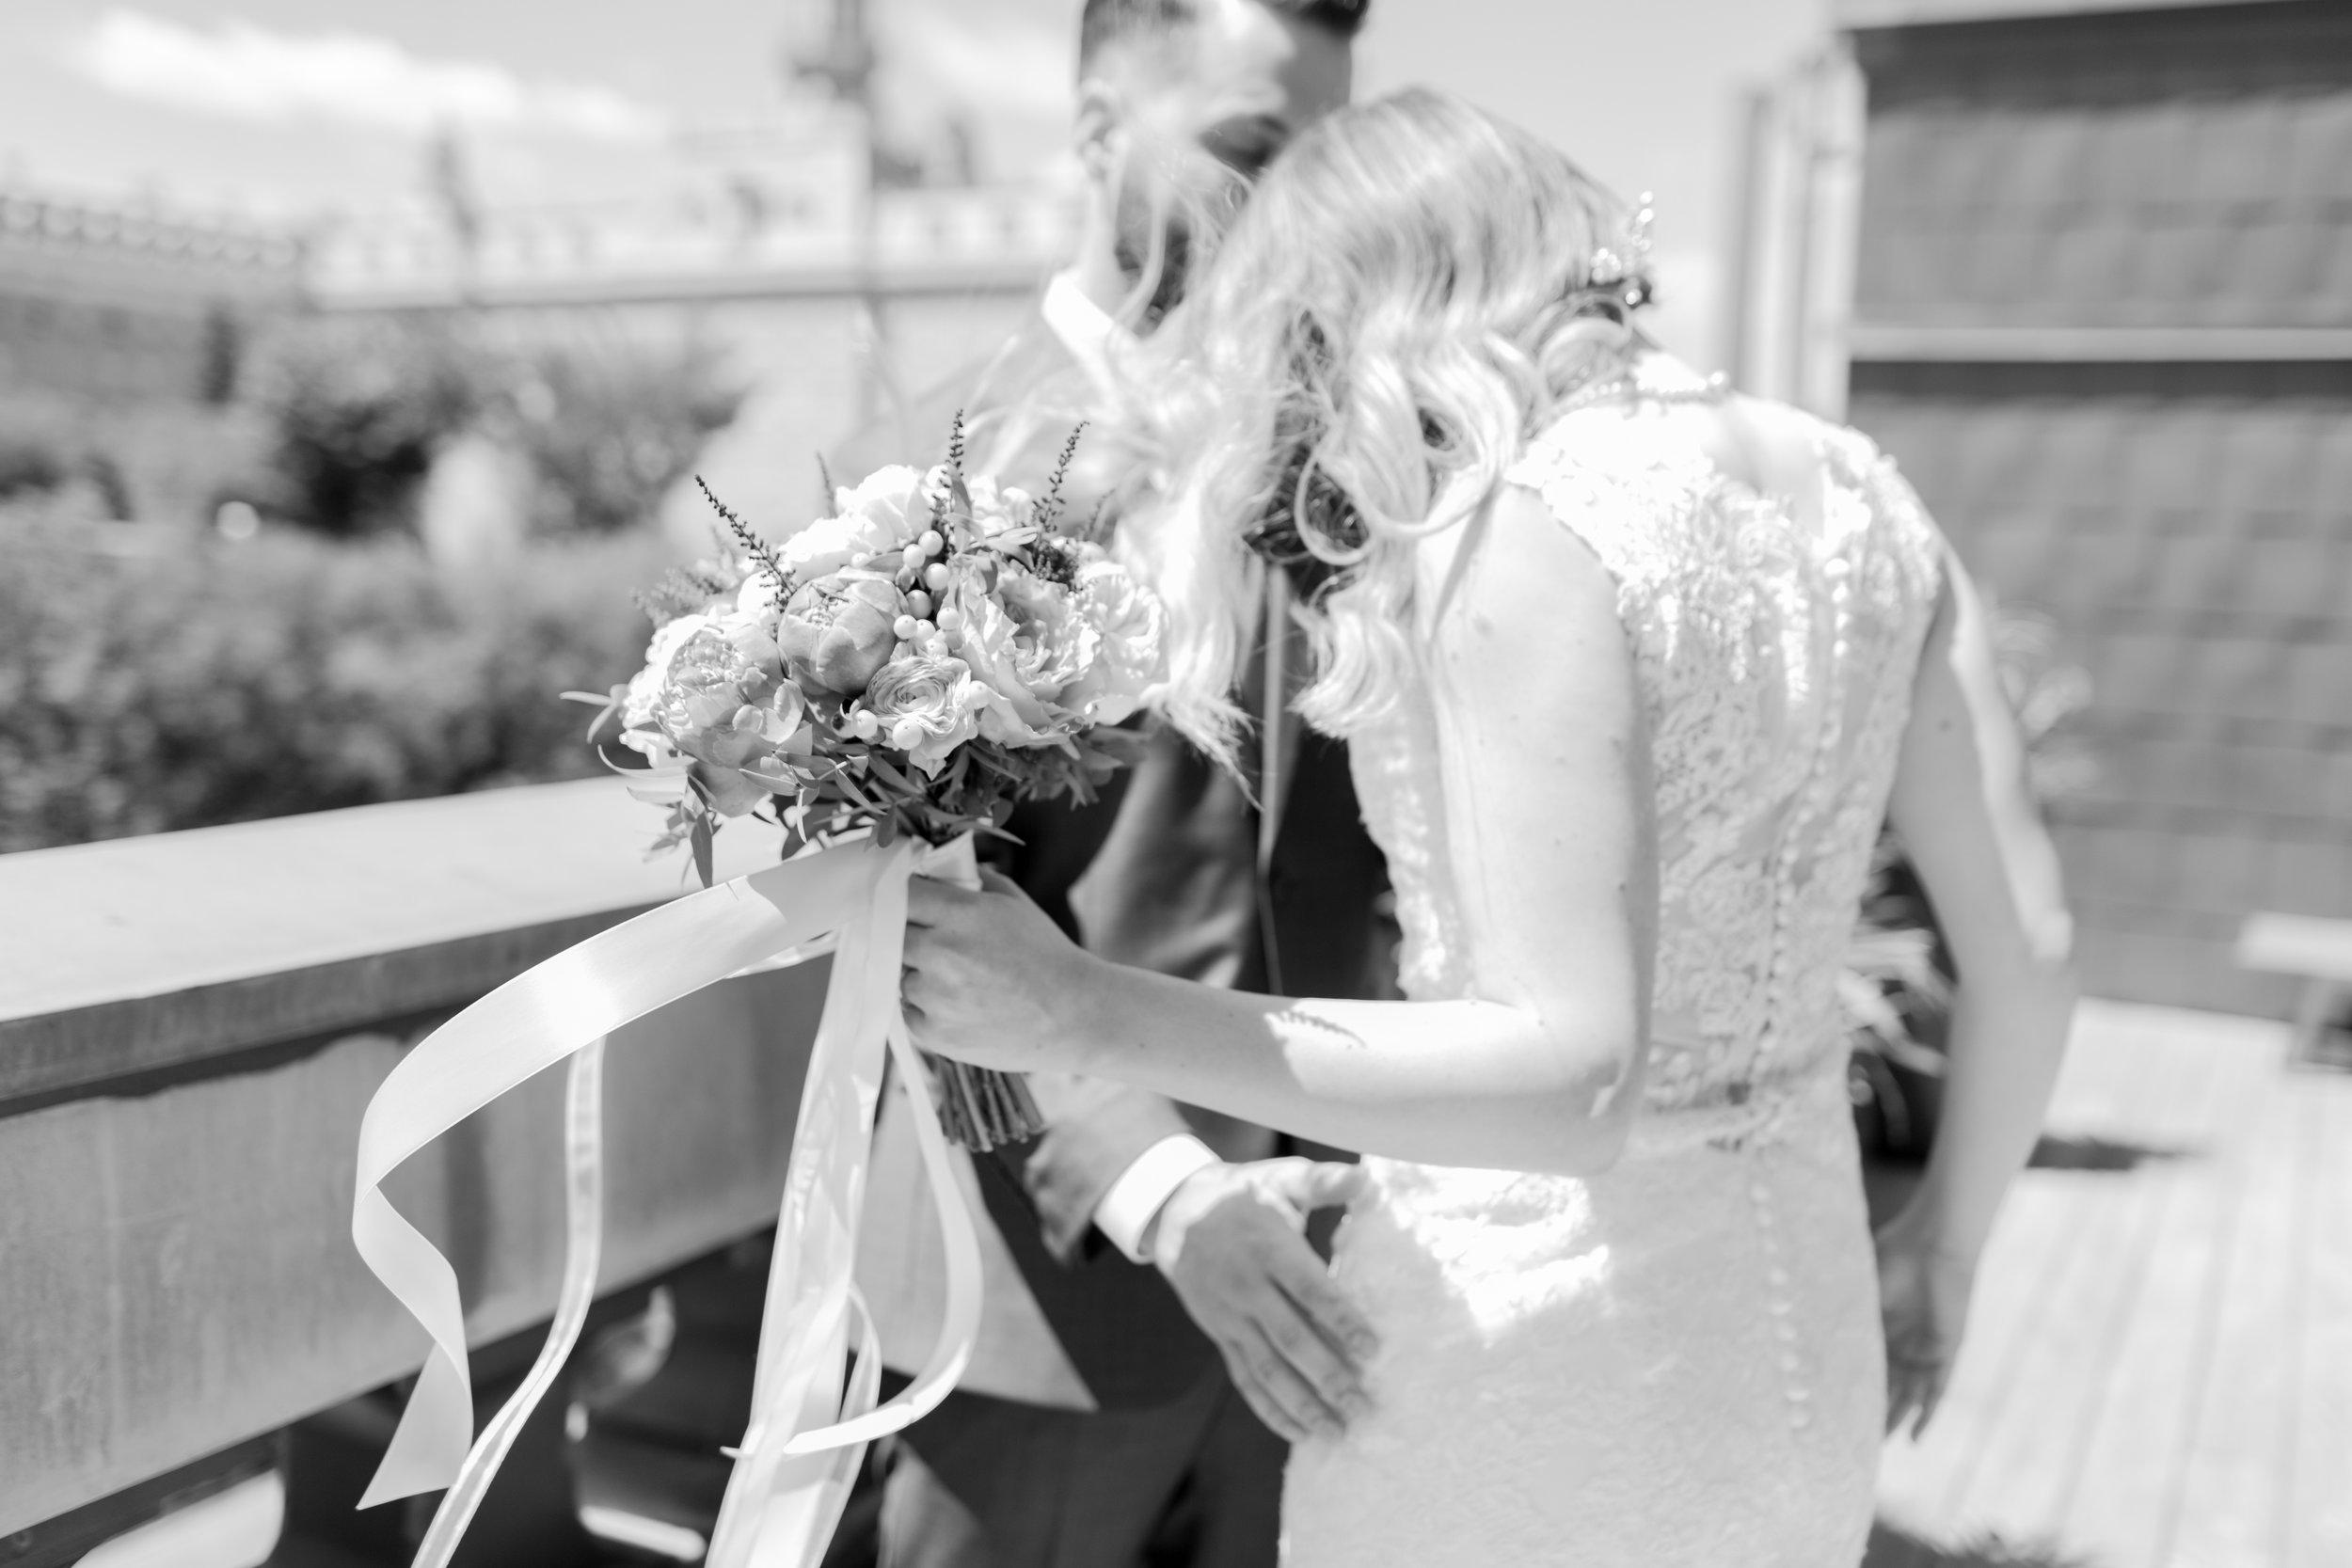 elopement-quebec-mariage-intime-valerie-busque-wedding3.jpg